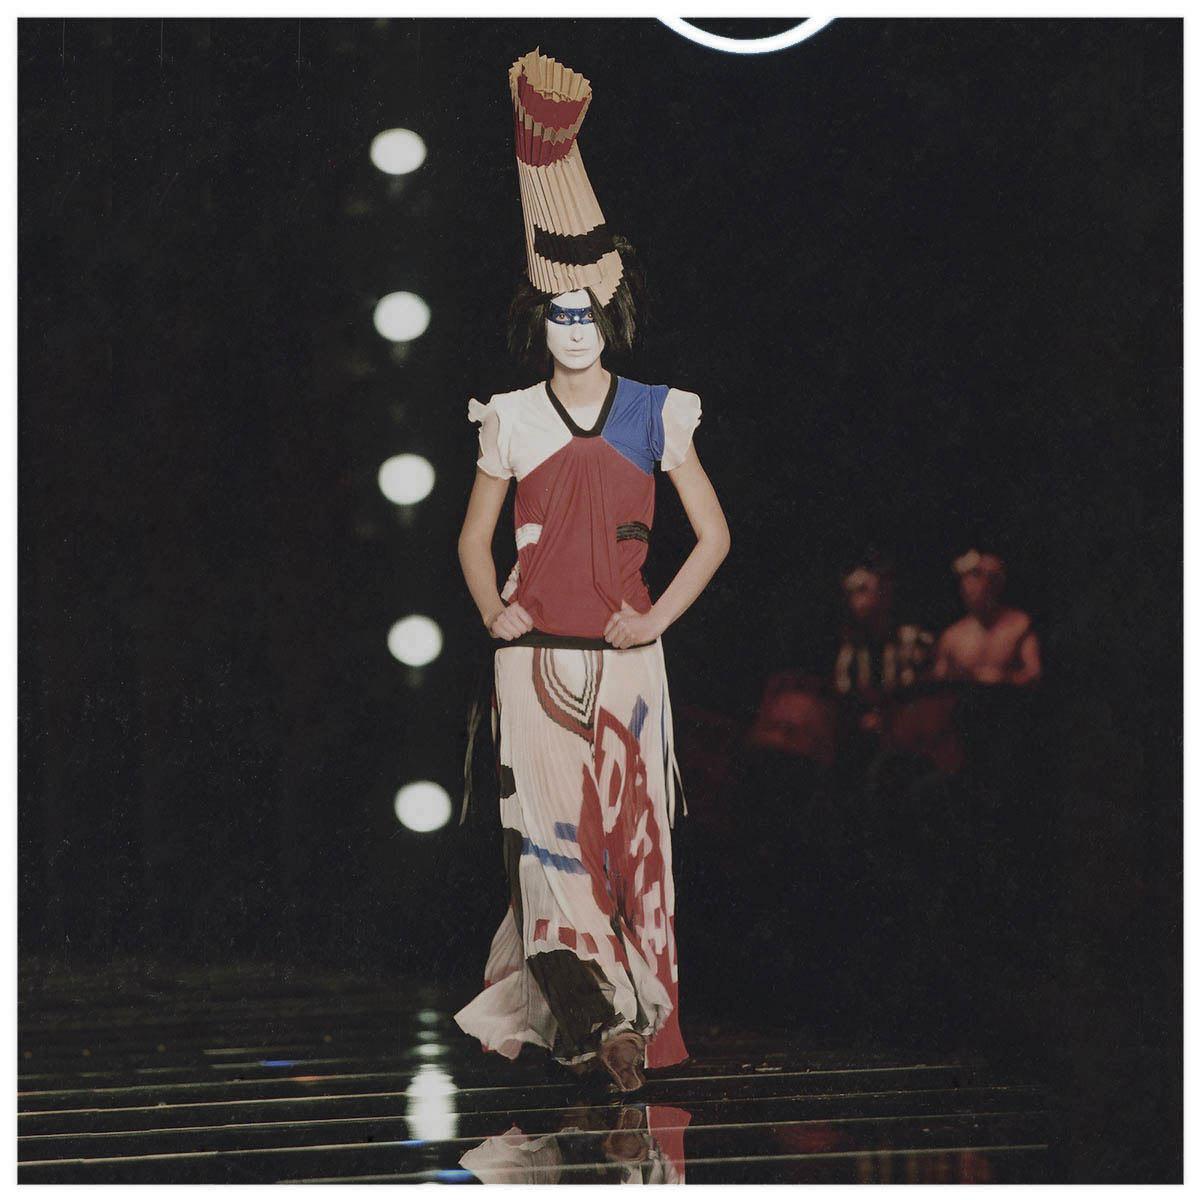 Christian Dior Haute-Couture Défilé 2002 Styliste J. Galliano Aérographe sur tissu à plat